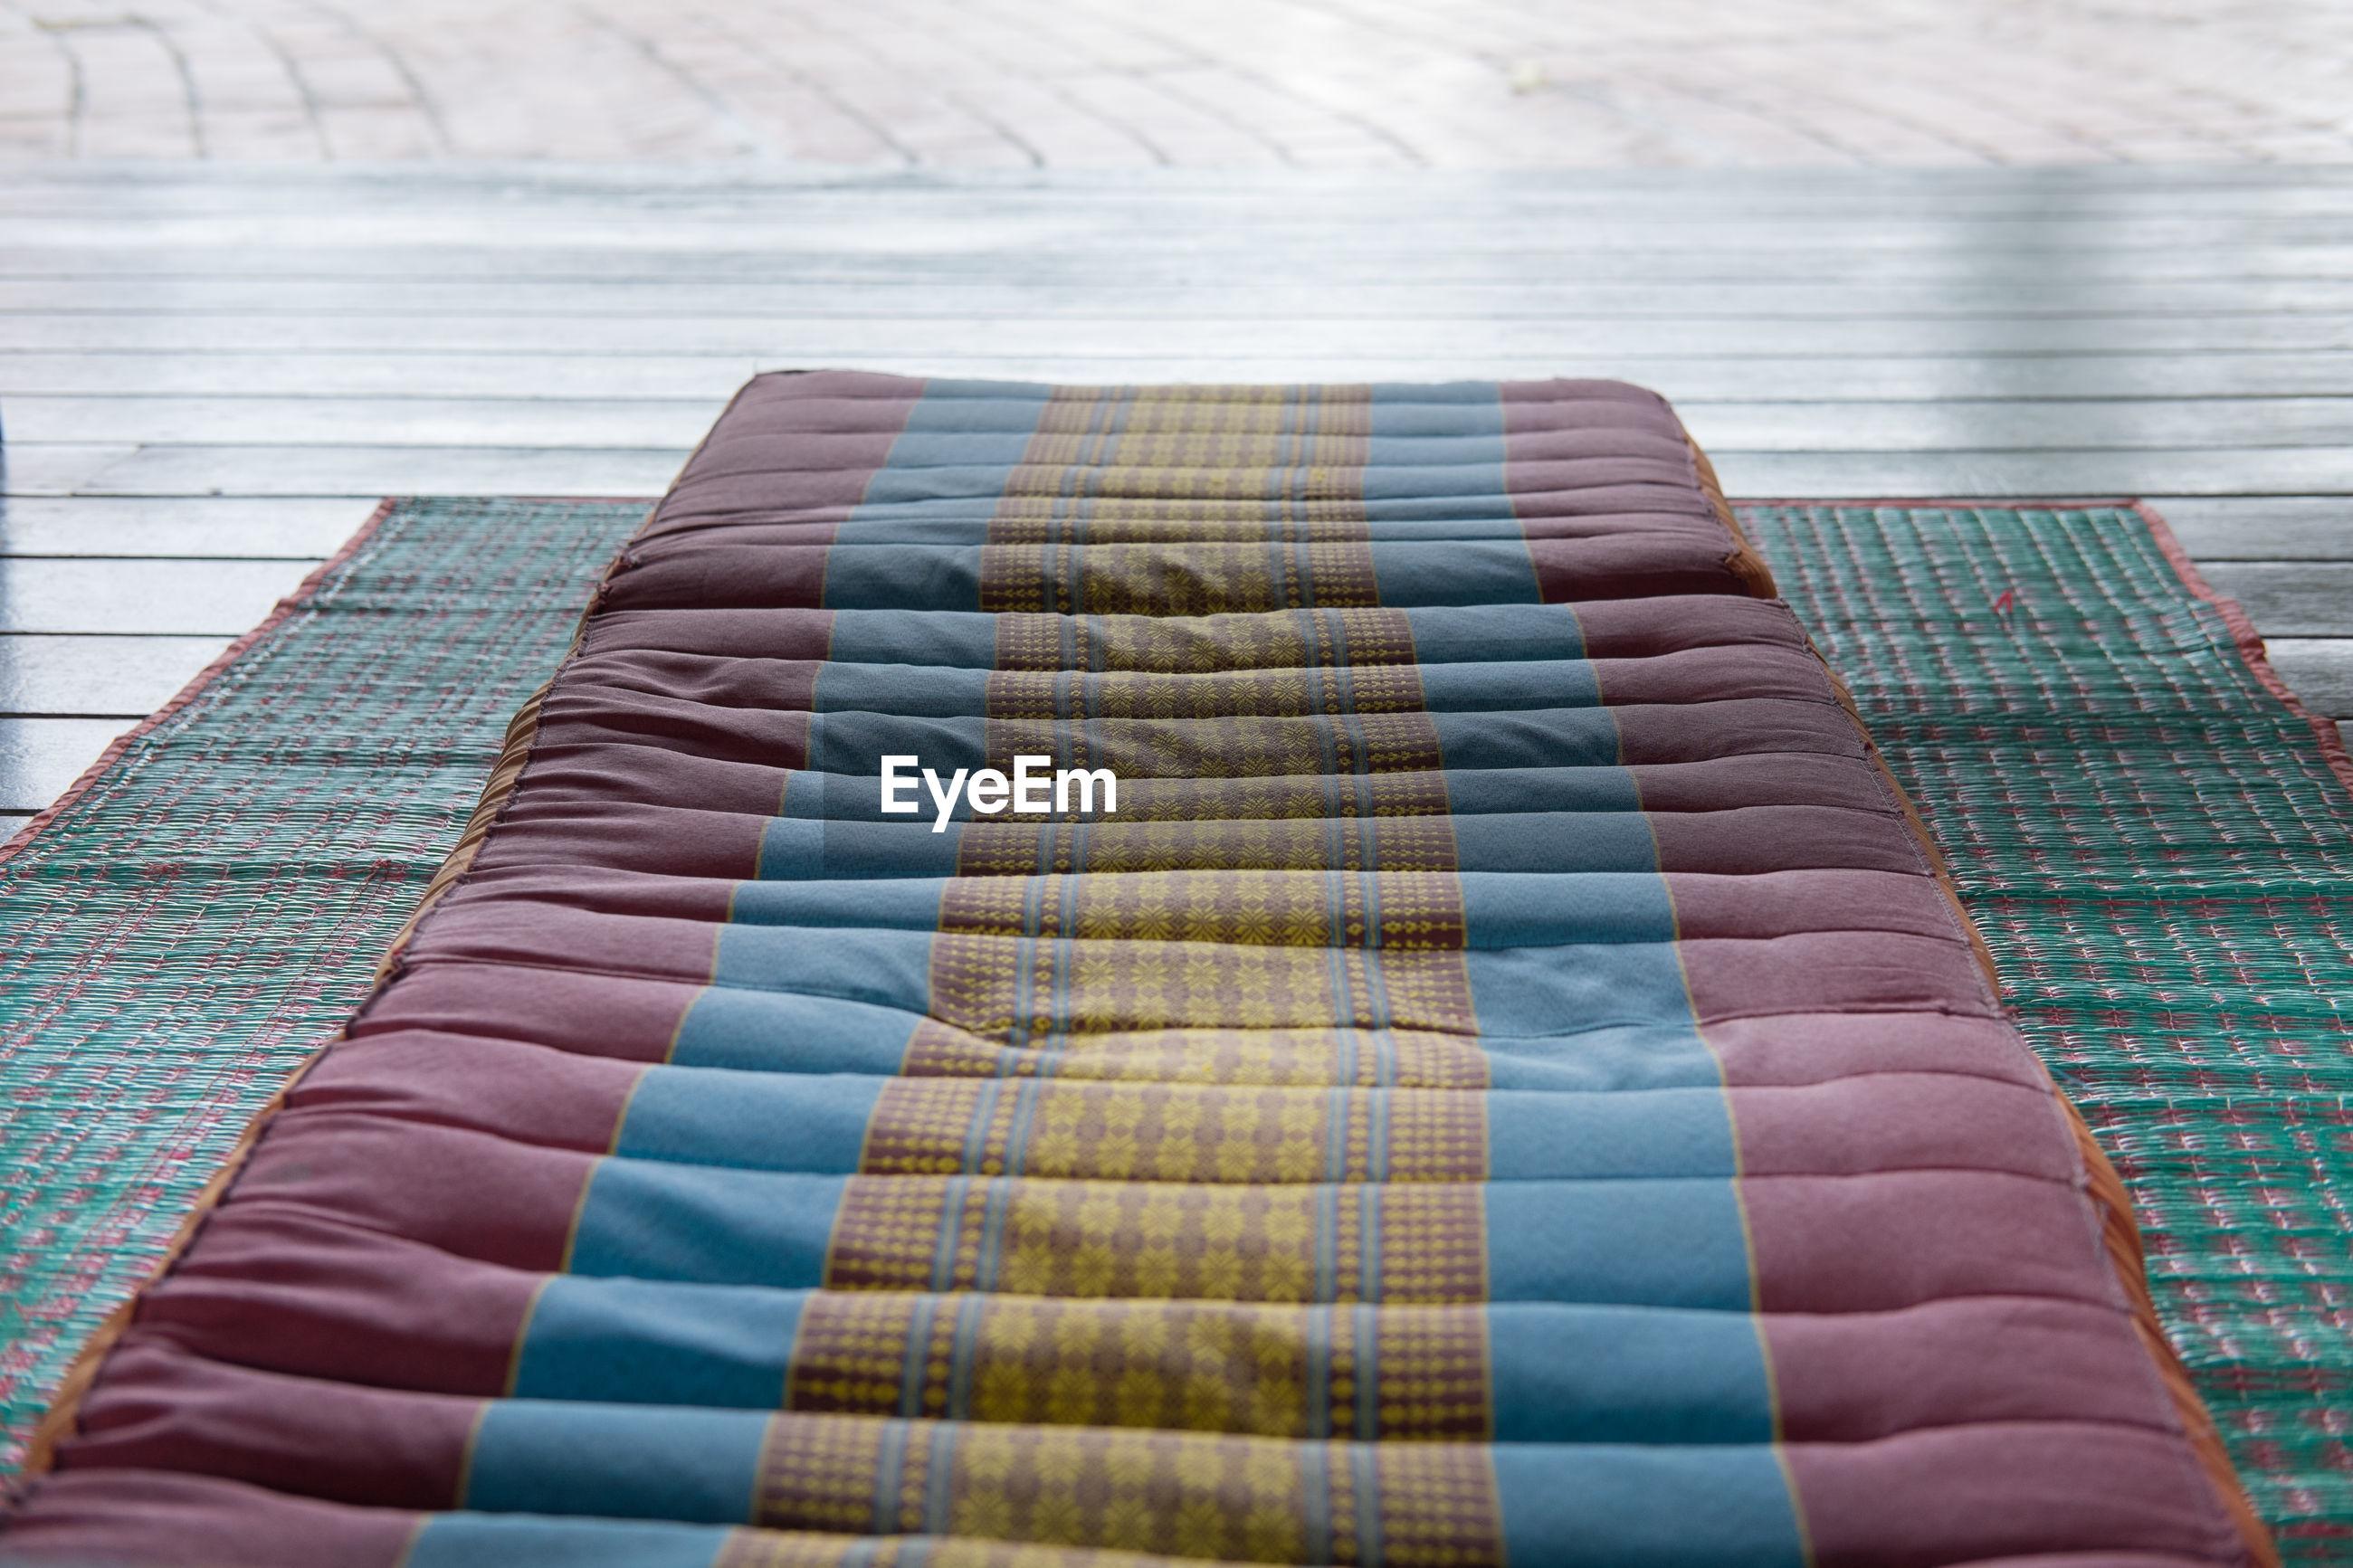 View of mattress on floor